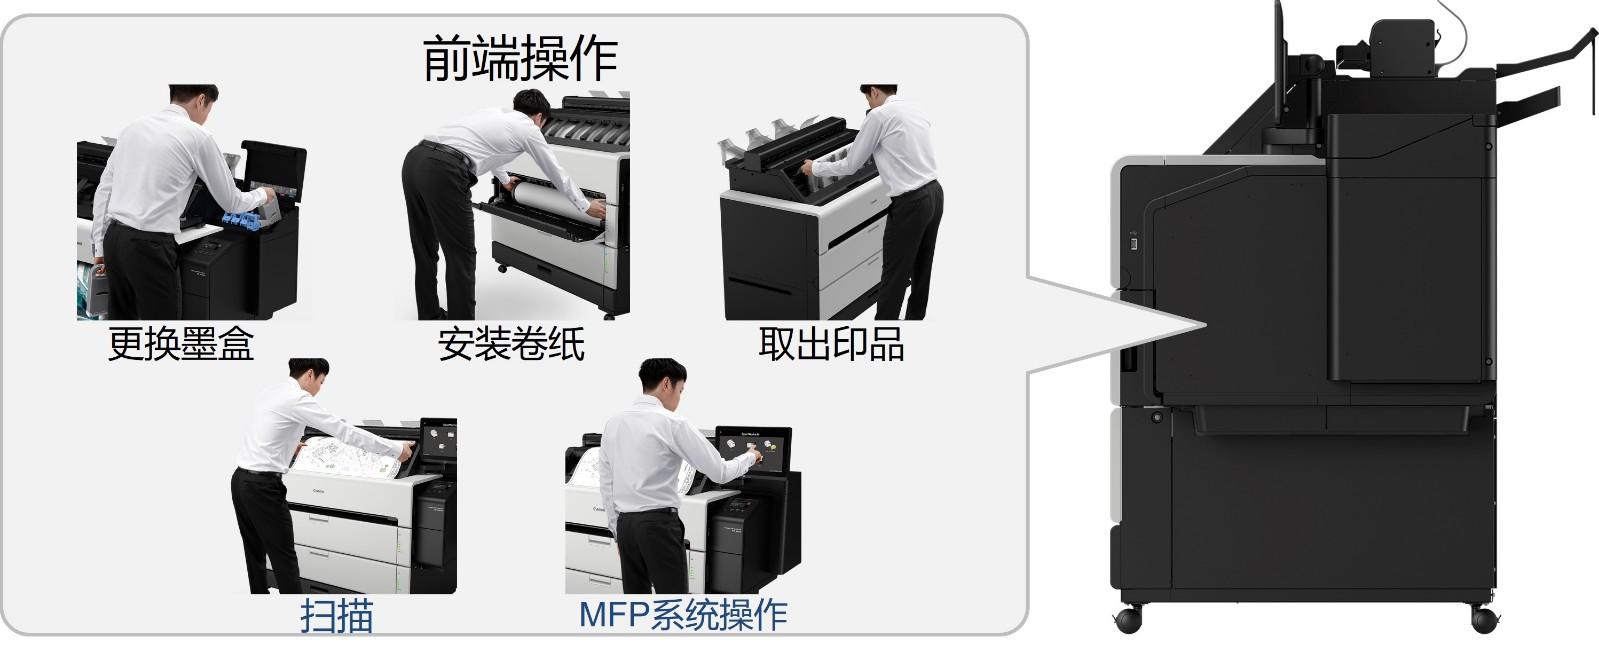 6.用户在打印机前端就可以轻易的完成所有操作.jpg